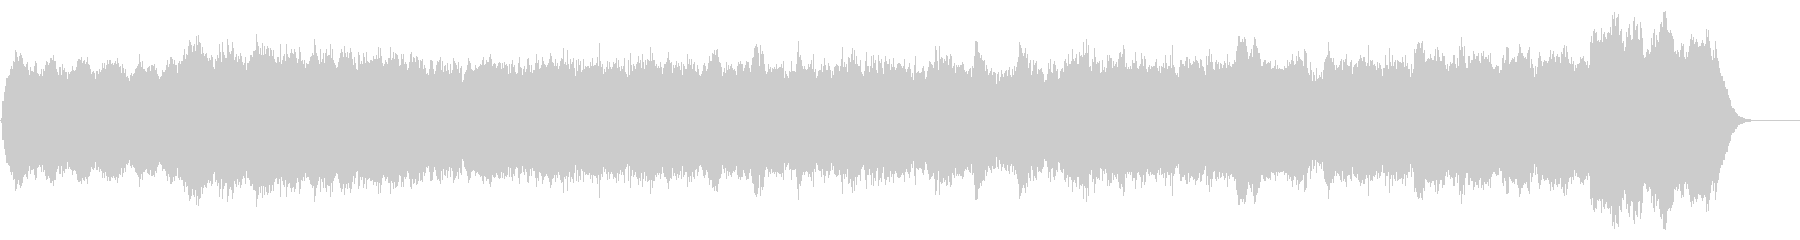 パイプオルガンオリジナル曲バッハ風です。の未再生の波形